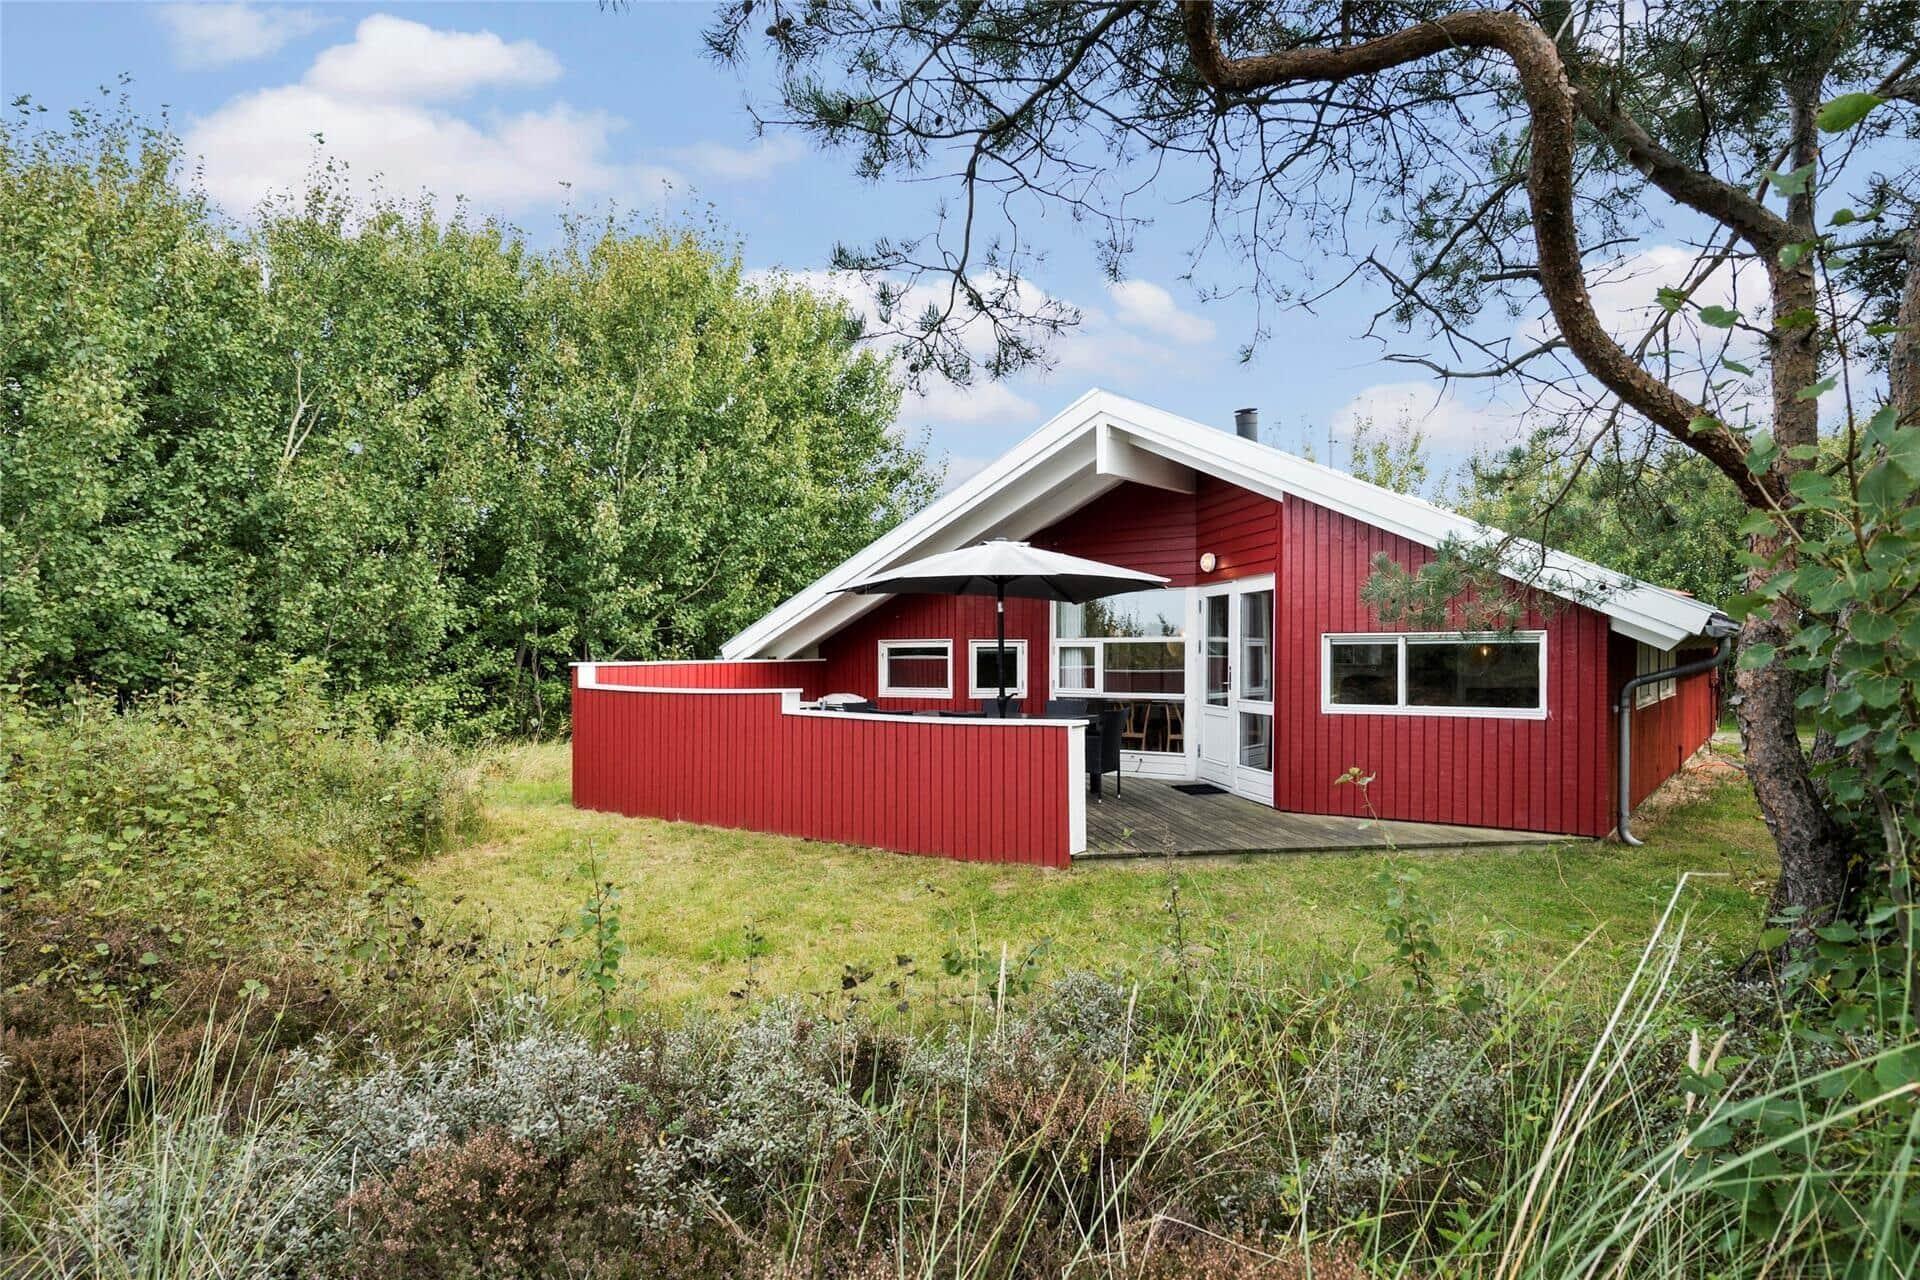 Billede 1-11 Sommerhus 0036, Ringvejen 60, DK - 6792 Rømø